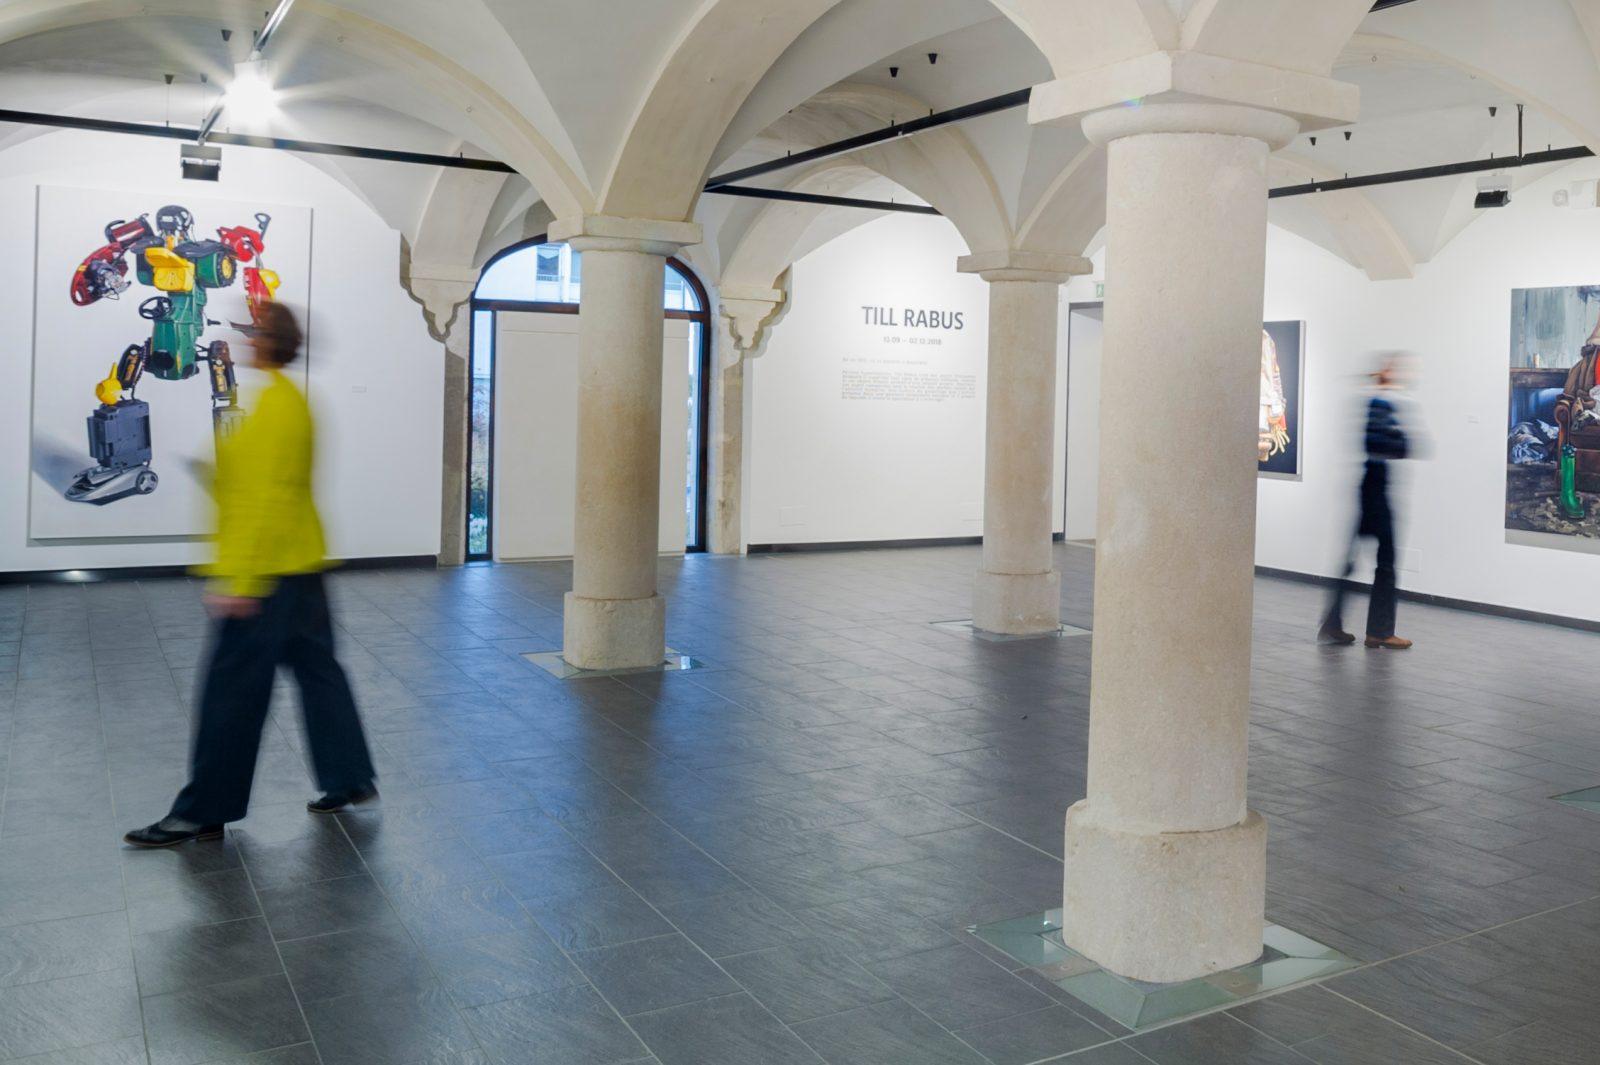 Art contemporain exposition Till Rabus 2018 Exposition